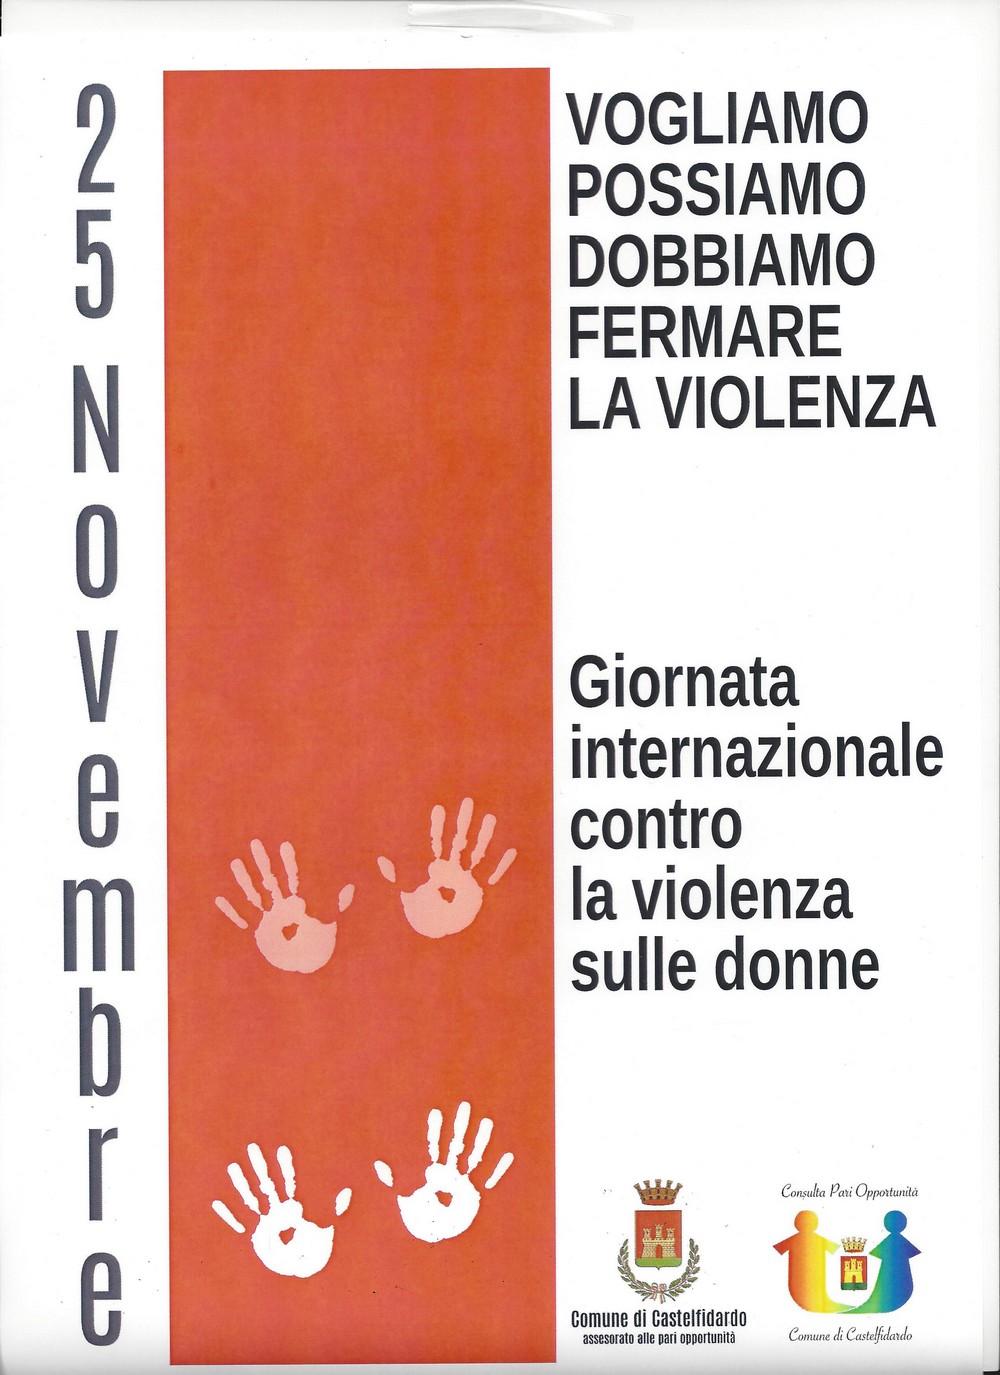 Installazioni artistiche contro la violenza